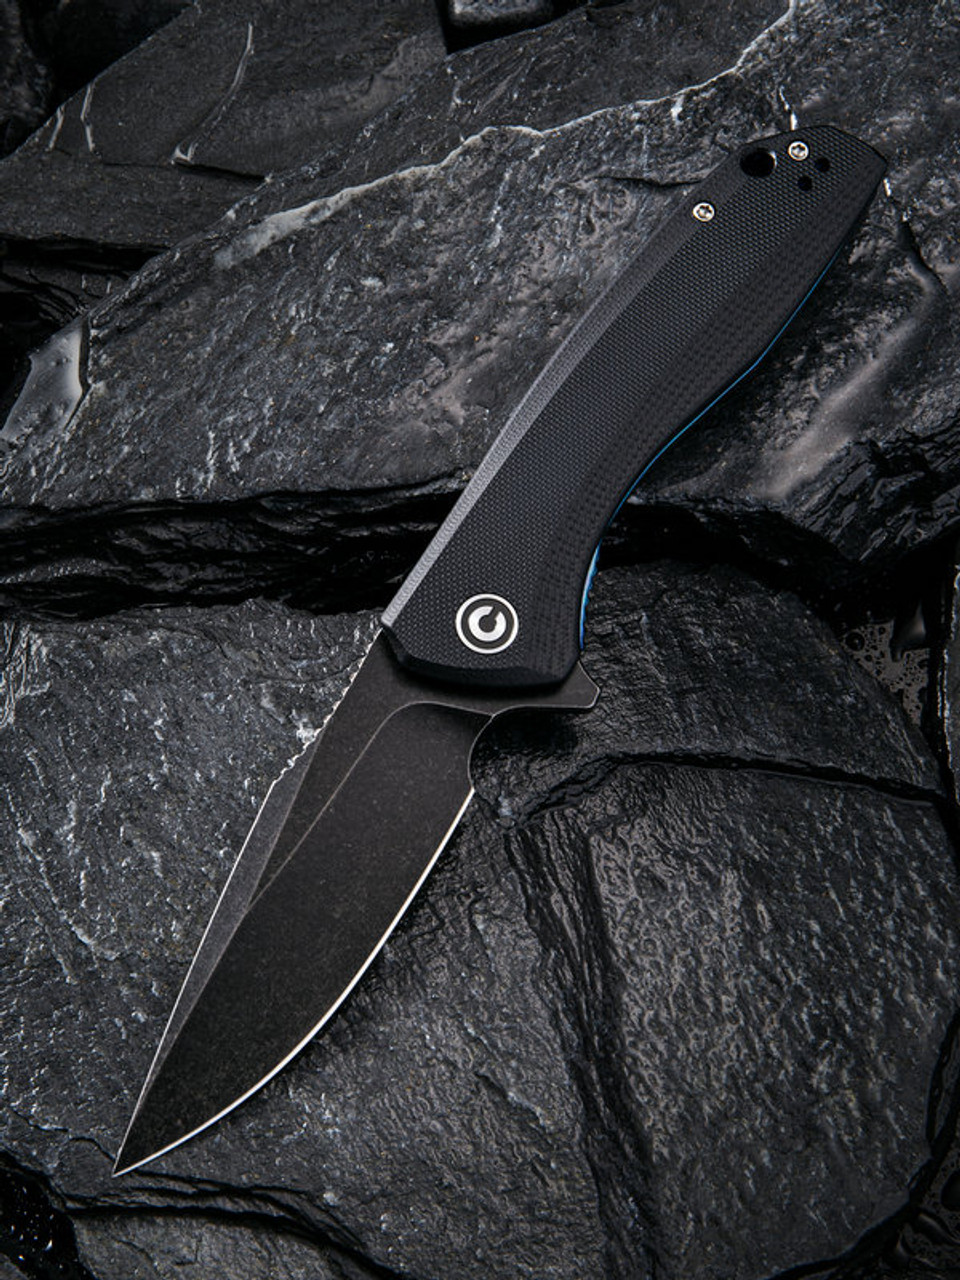 """Civivi Baklash Linerlock Folder C801H, 3.5"""" 9Cr18MoV Drop Point Black Stonewash Plain Blade,  Black G10 Handle"""